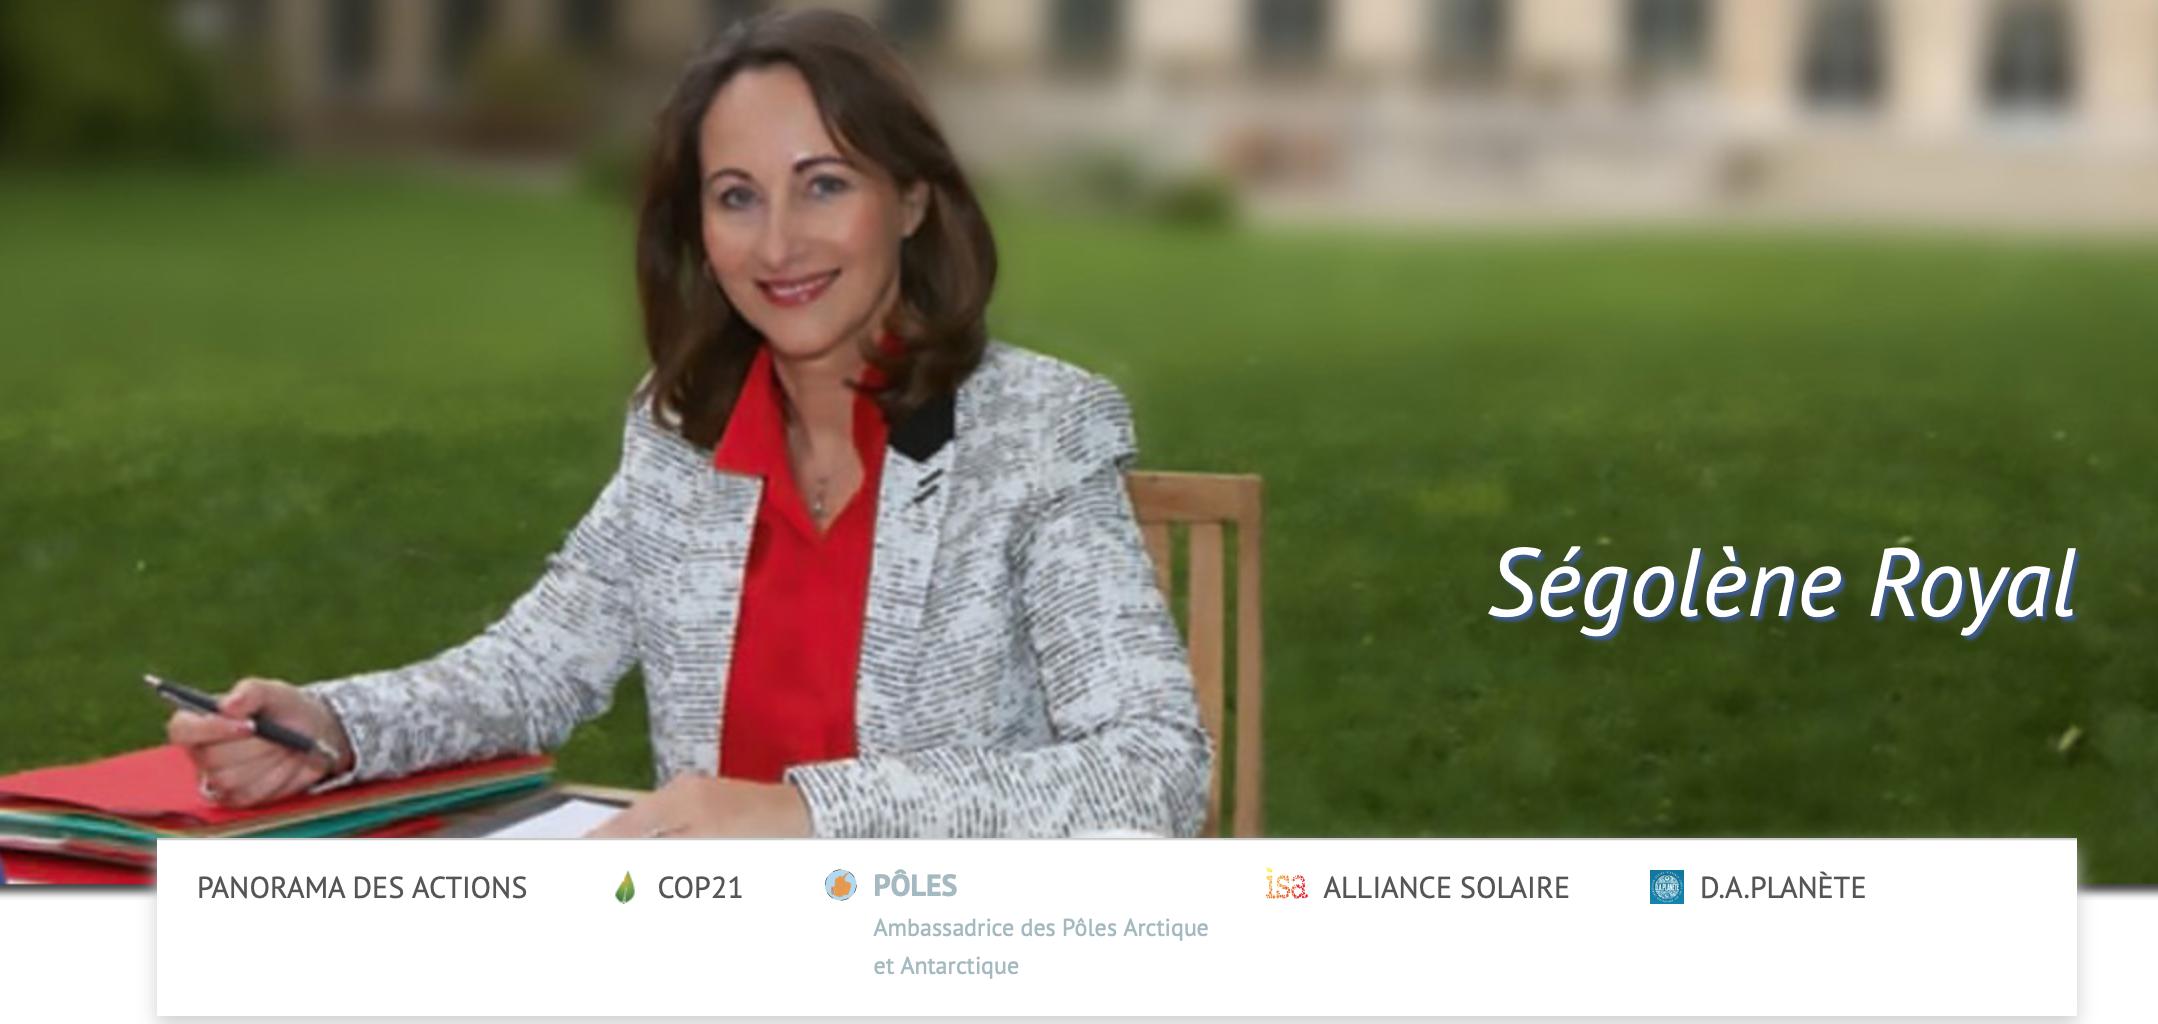 Ségolène Royal payée 42000 euros comme ambassadeur des pôles pour ne rien faire !